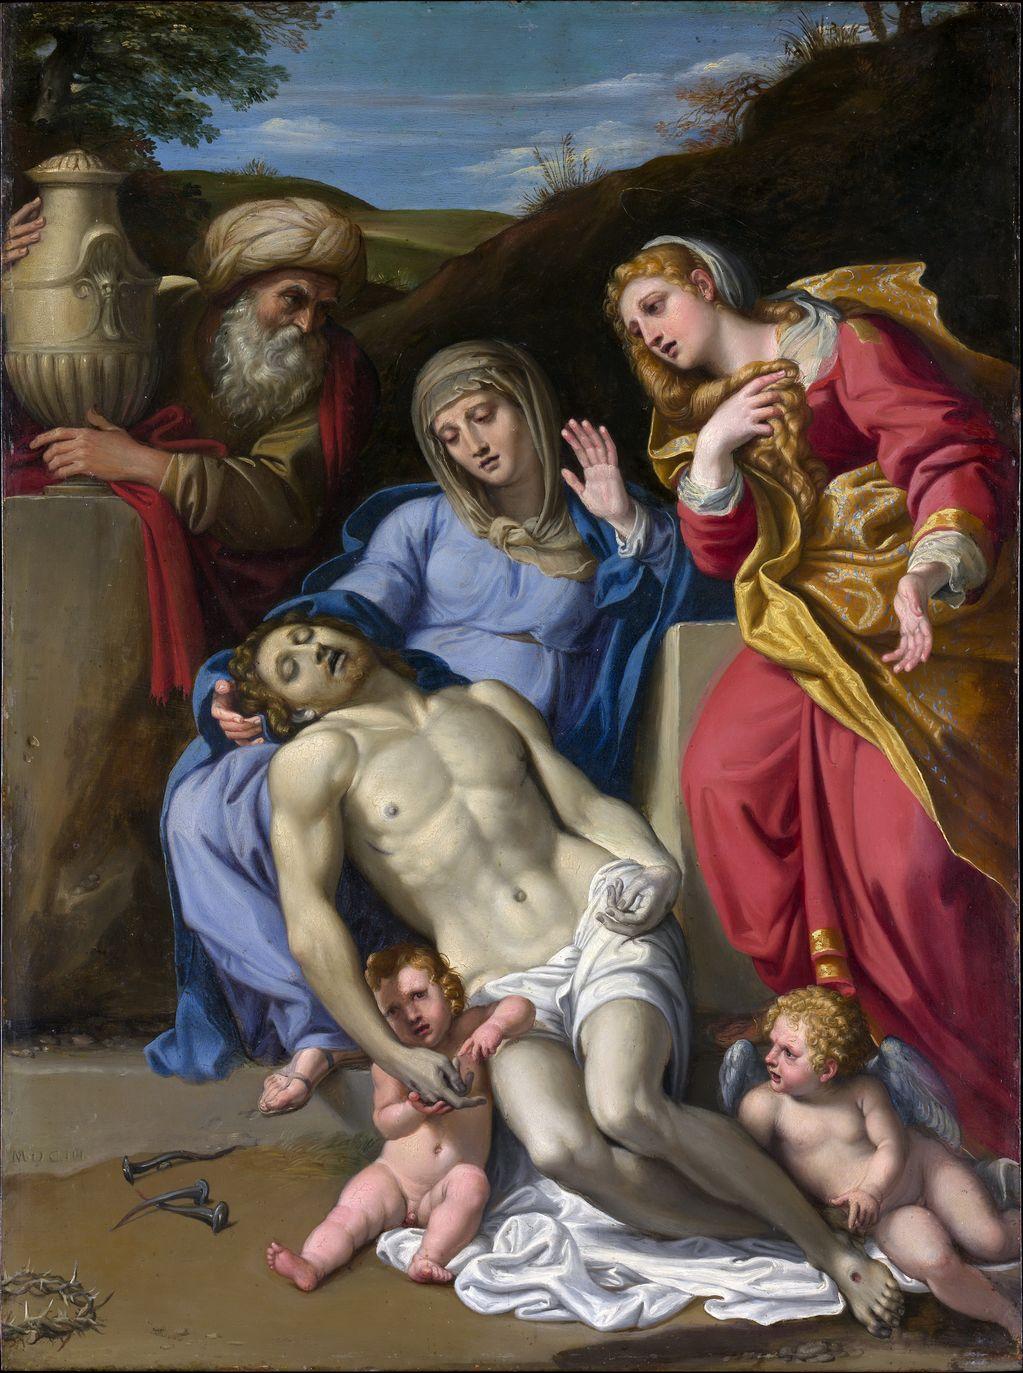 Доменикино (1581-1641) - Плач